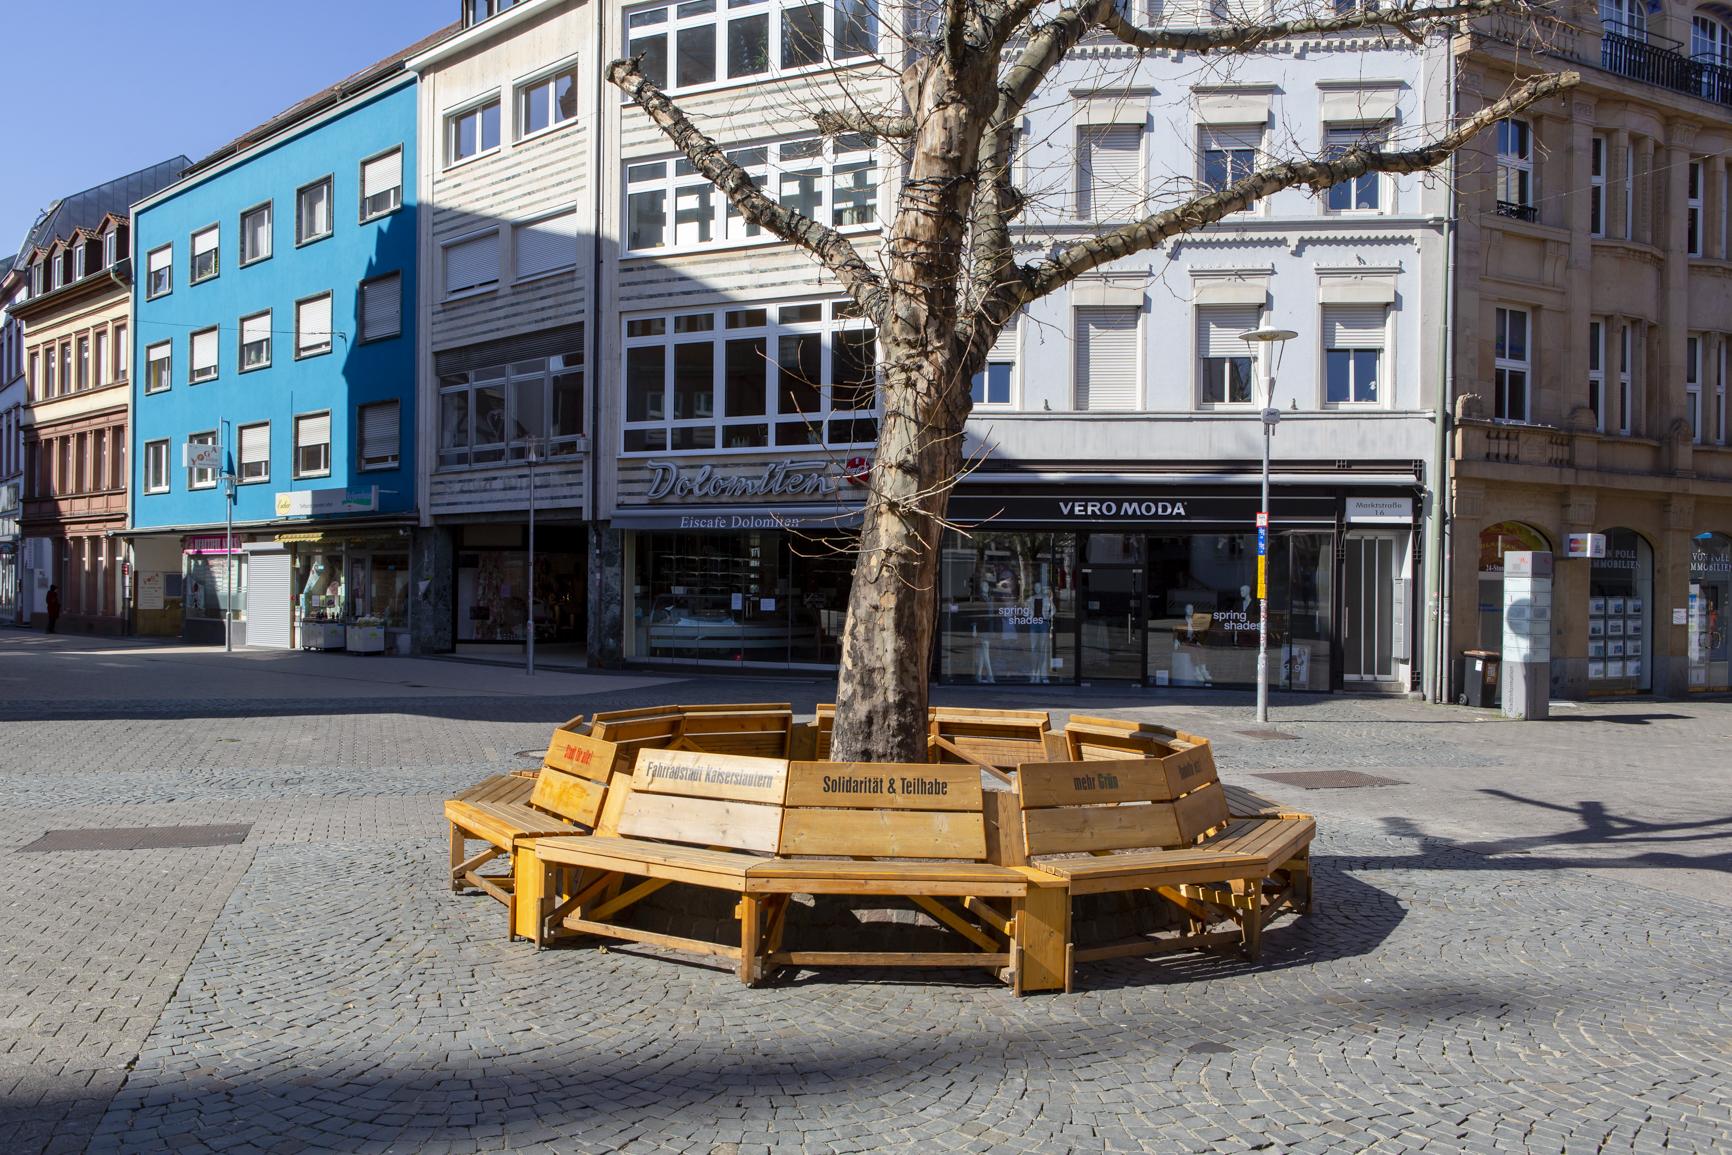 Rheinland-Pfalz startet mit weiteren Öffnungsschritten in den Sommermonat Juni